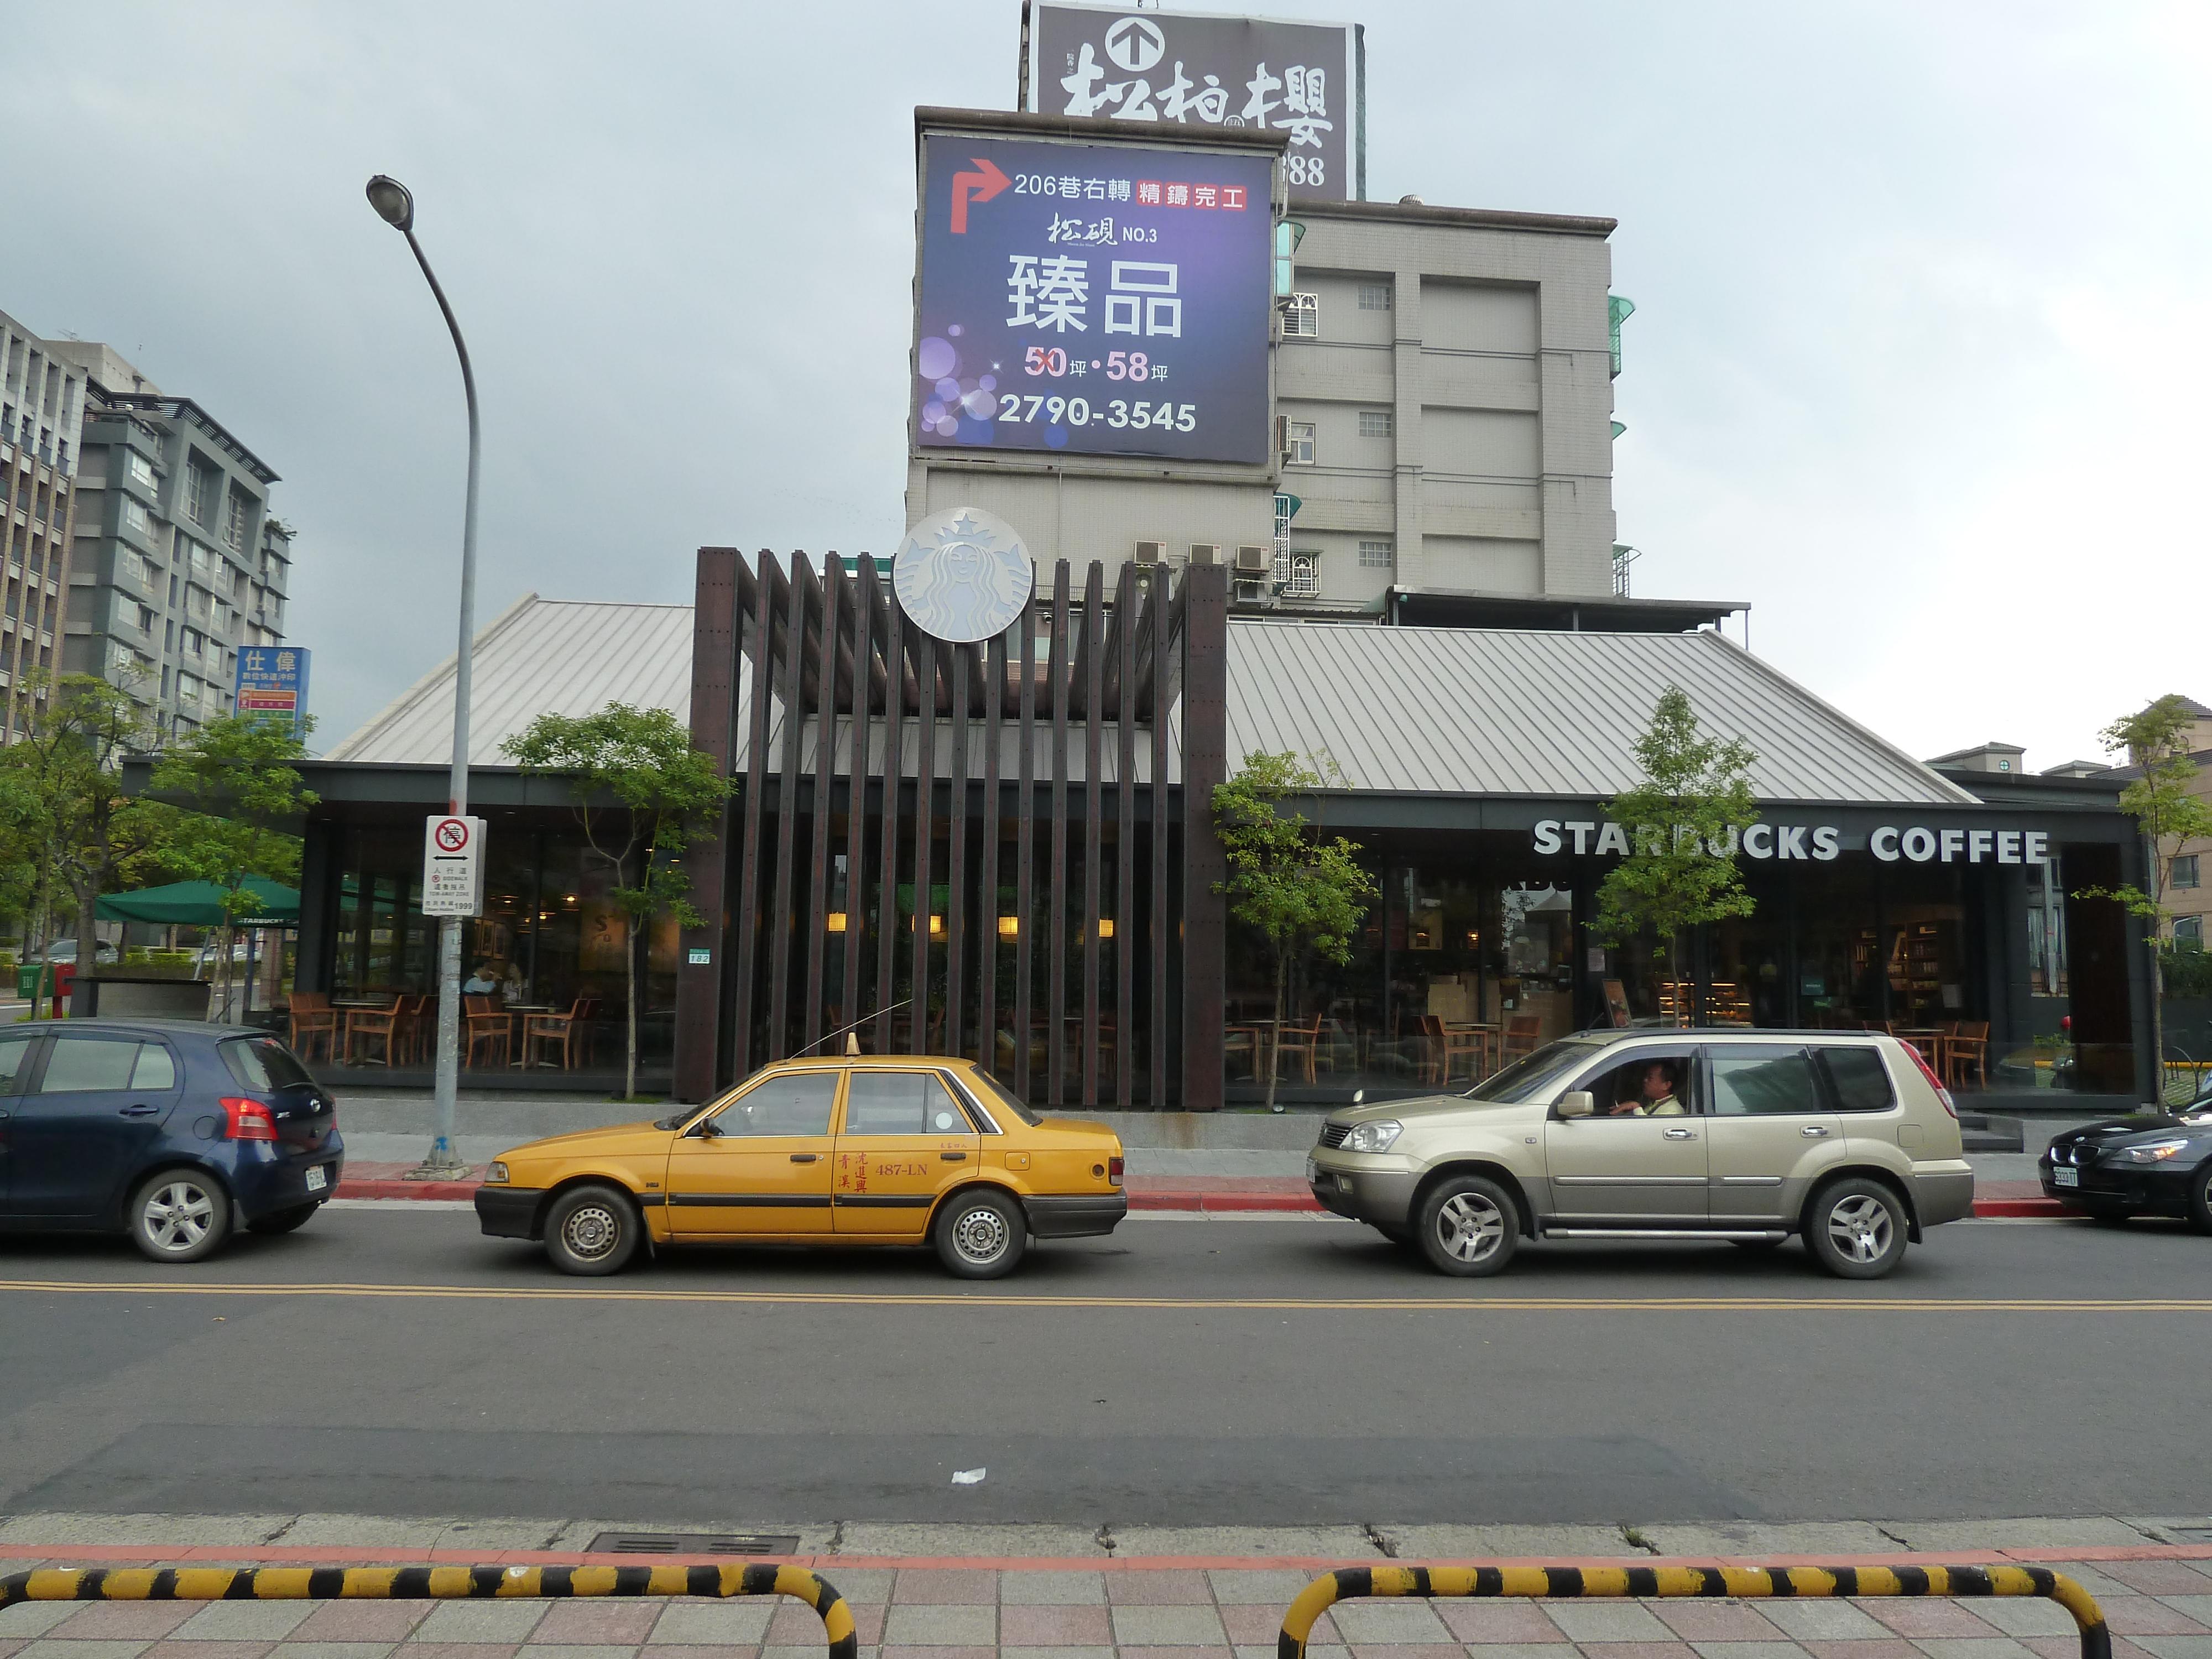 星巴克內湖民權門市 ─ 第一家LEED認證綠色門市 2011/10/31   Flashmoment…